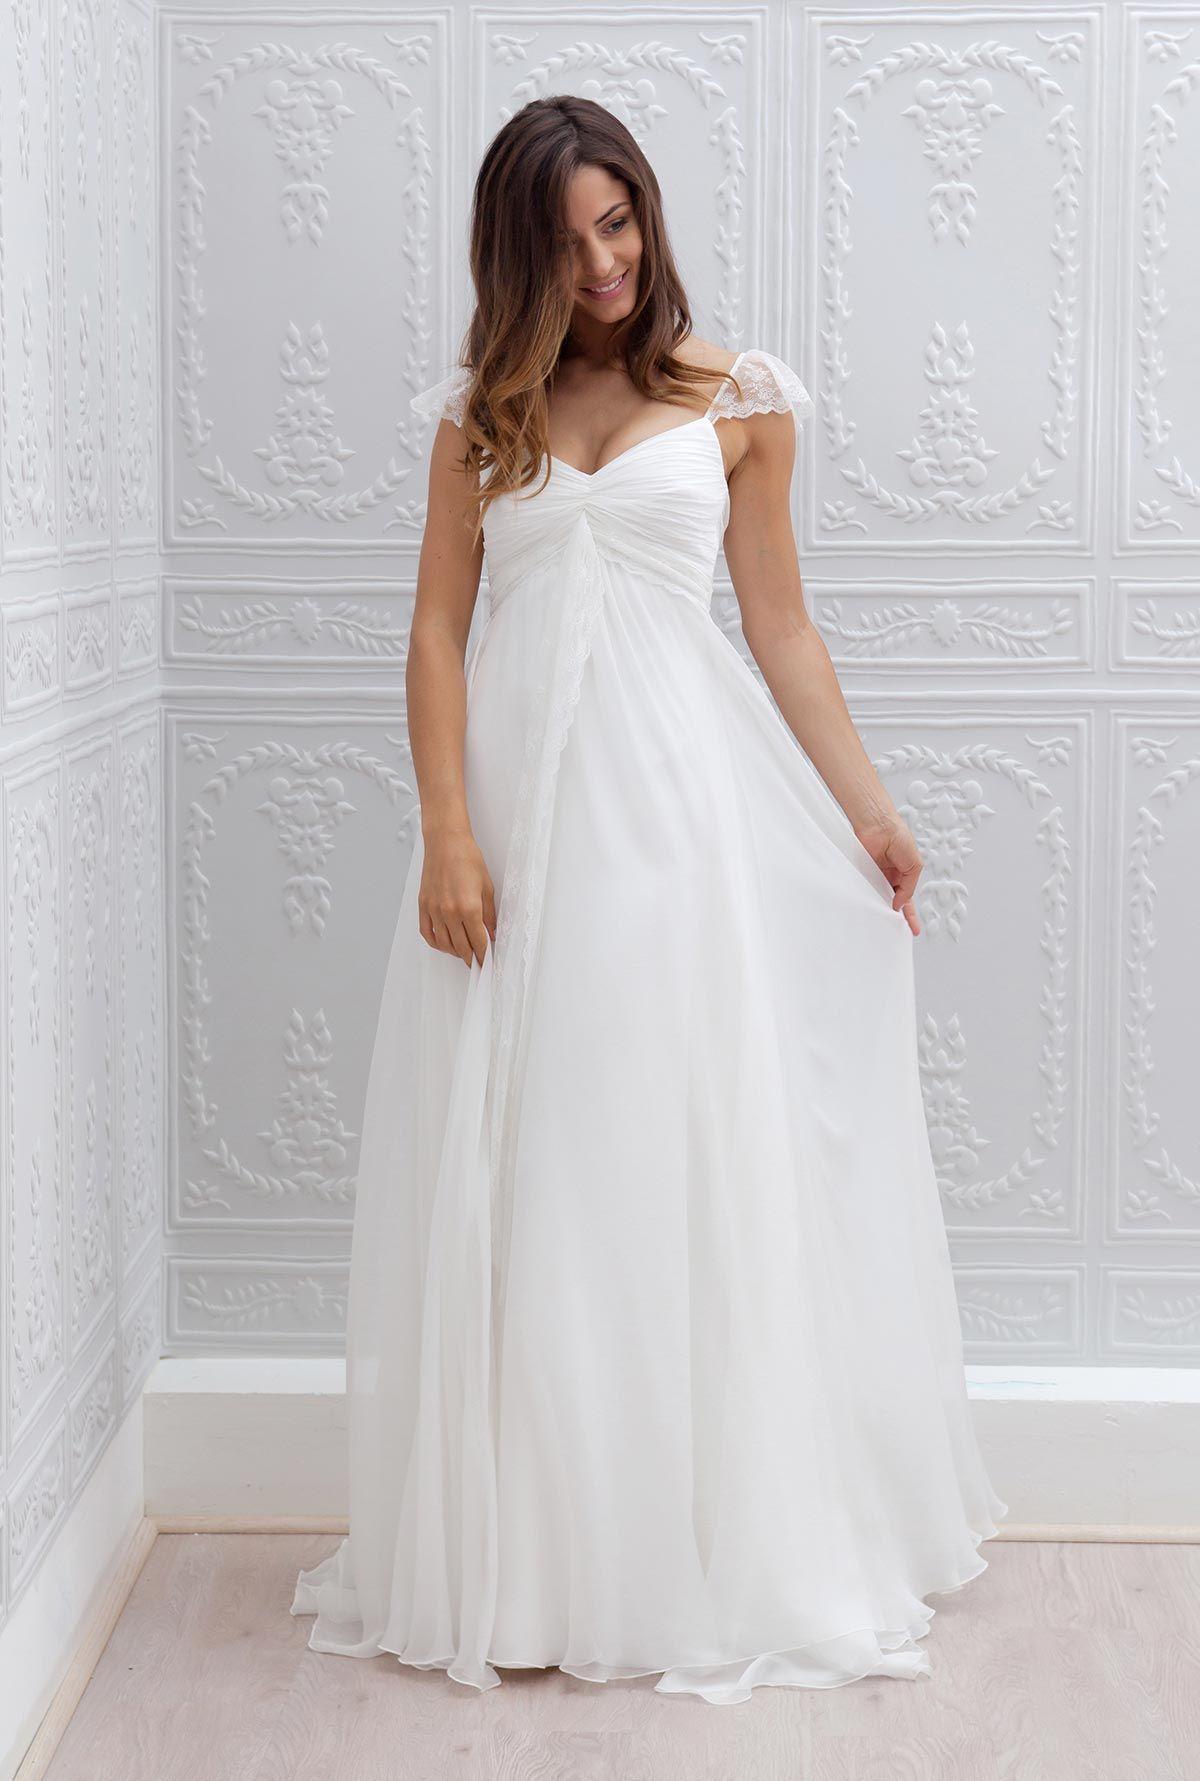 7a886a6cb Vestidos de novia para embarazadas - ¡Modelos preciosos!